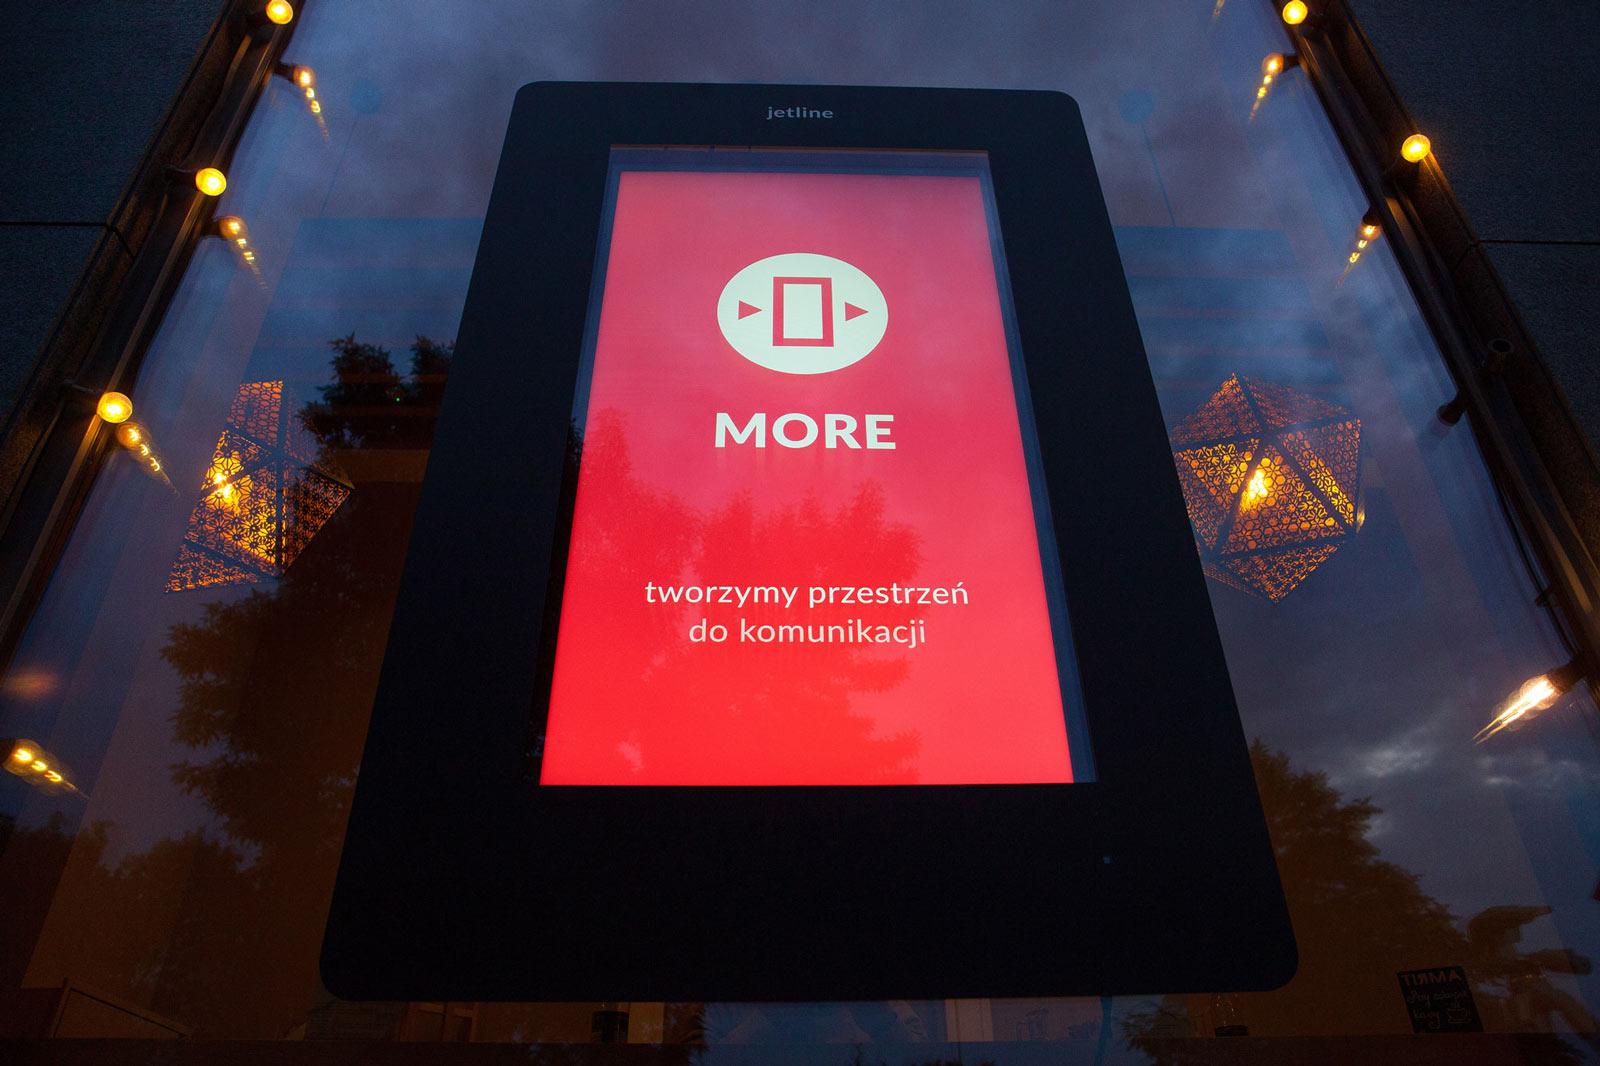 Nowa sieć DOOH, więcej przestrzeni do komunikacji. Więcej, czyli MORE.